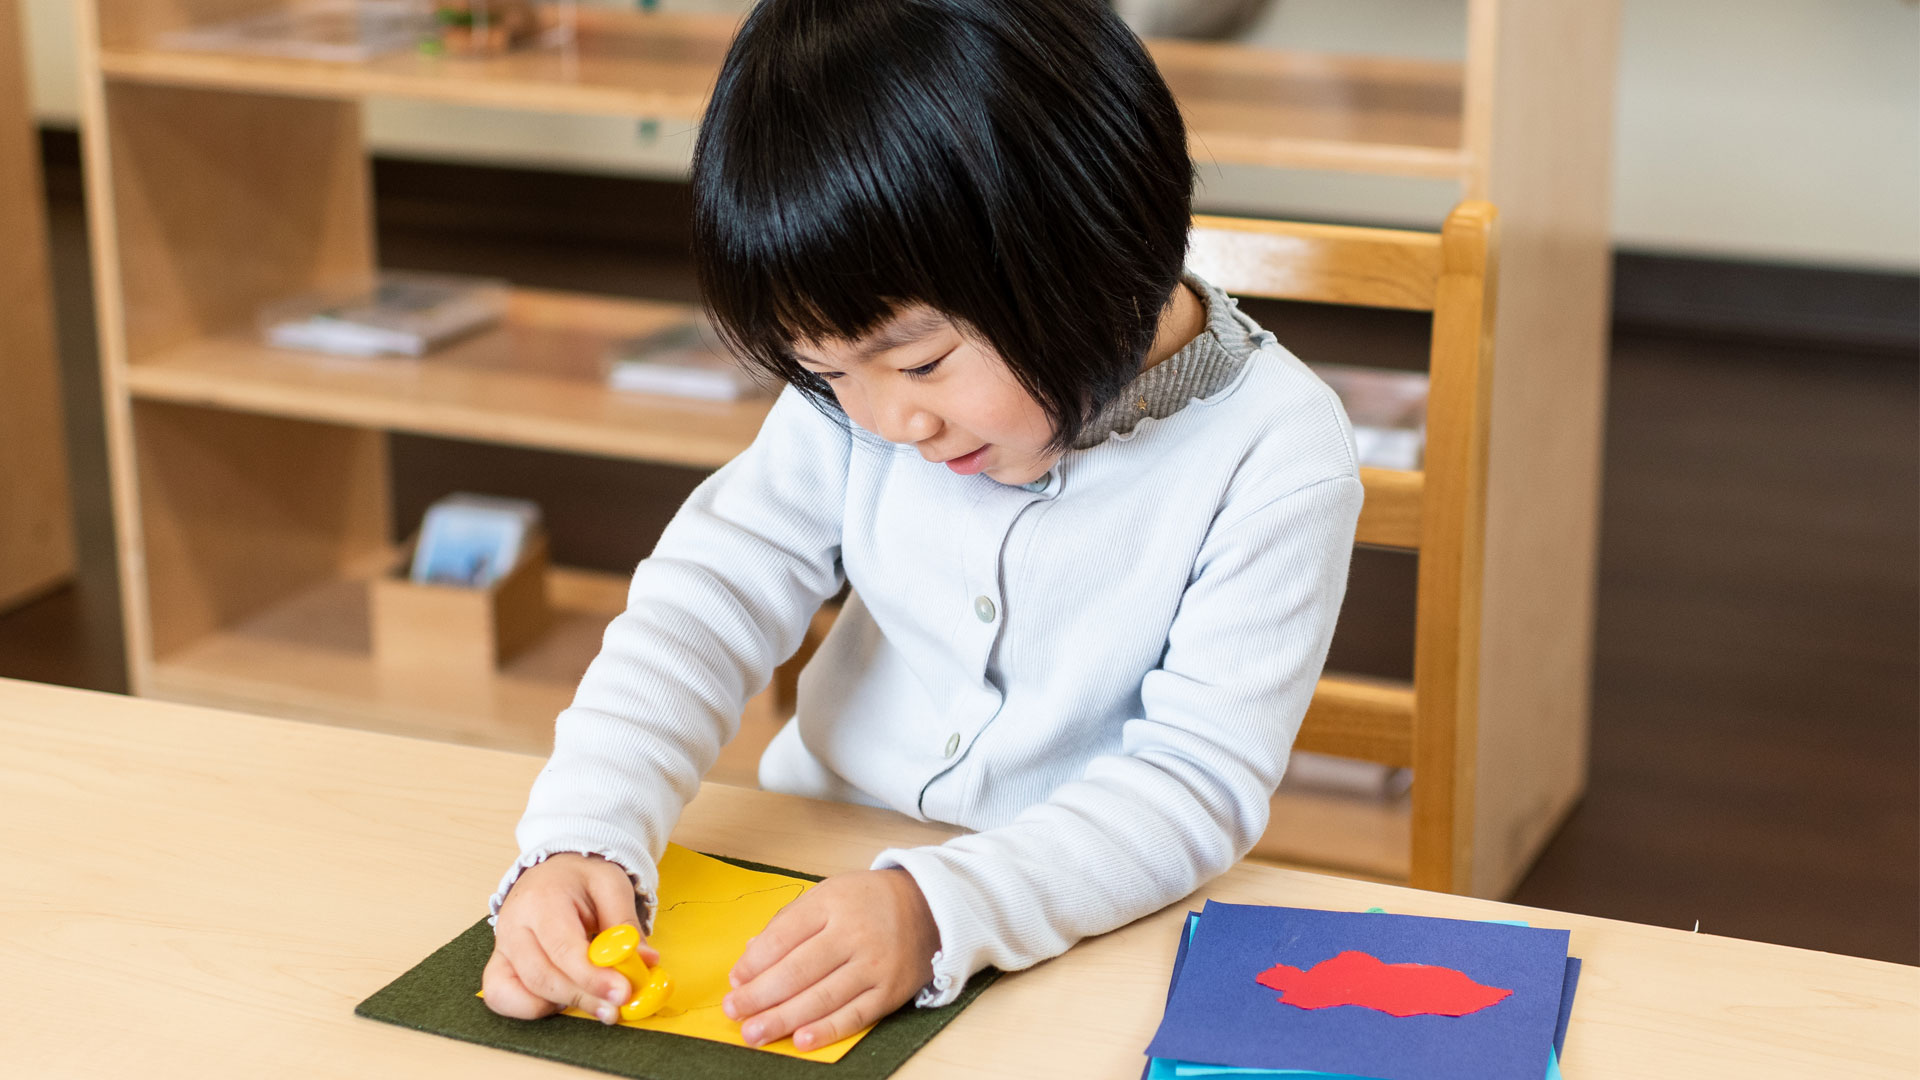 An Asian child